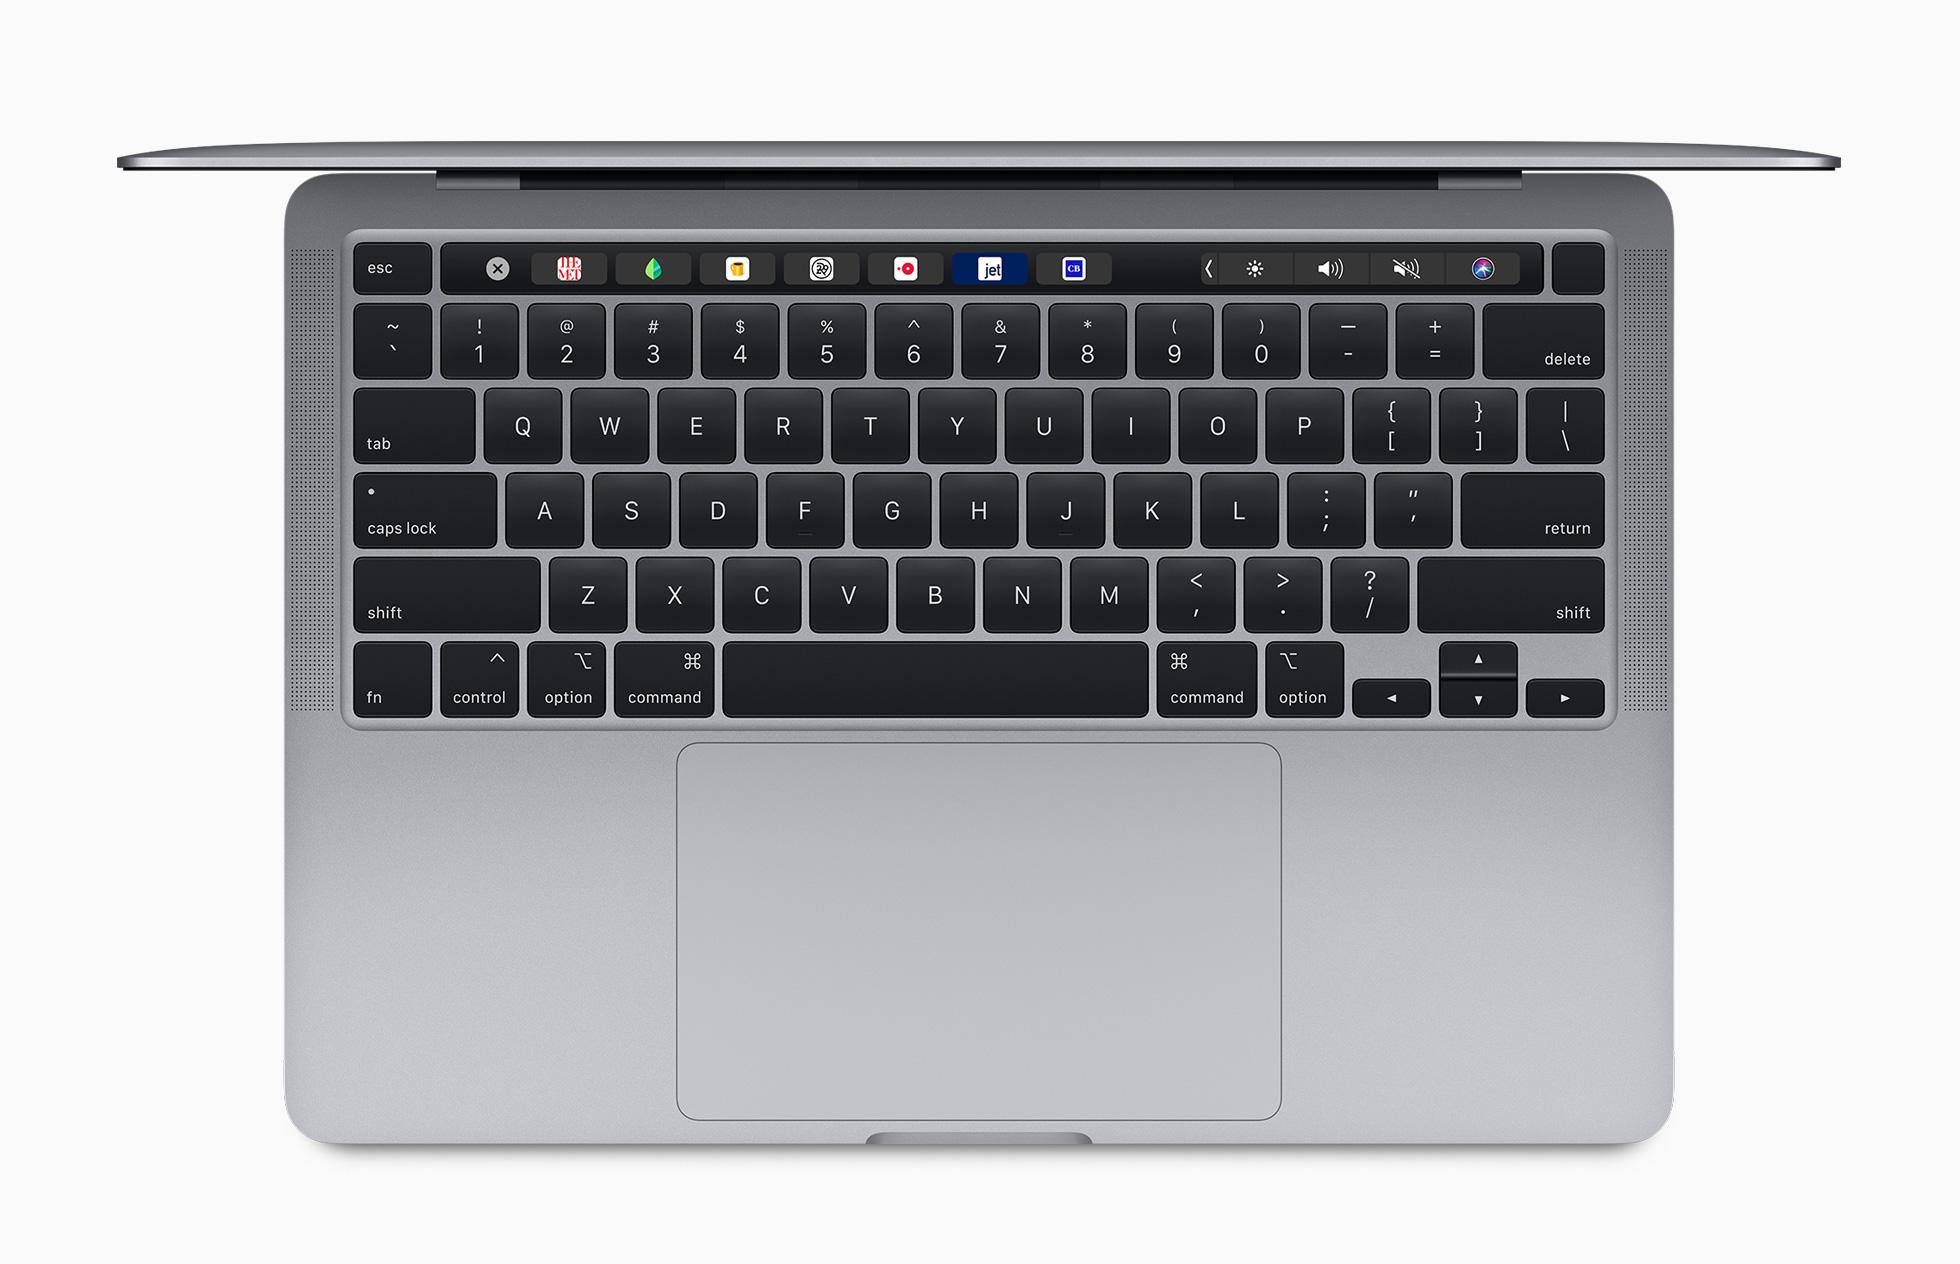 macbook pro 13 2020 specyfikacja 1